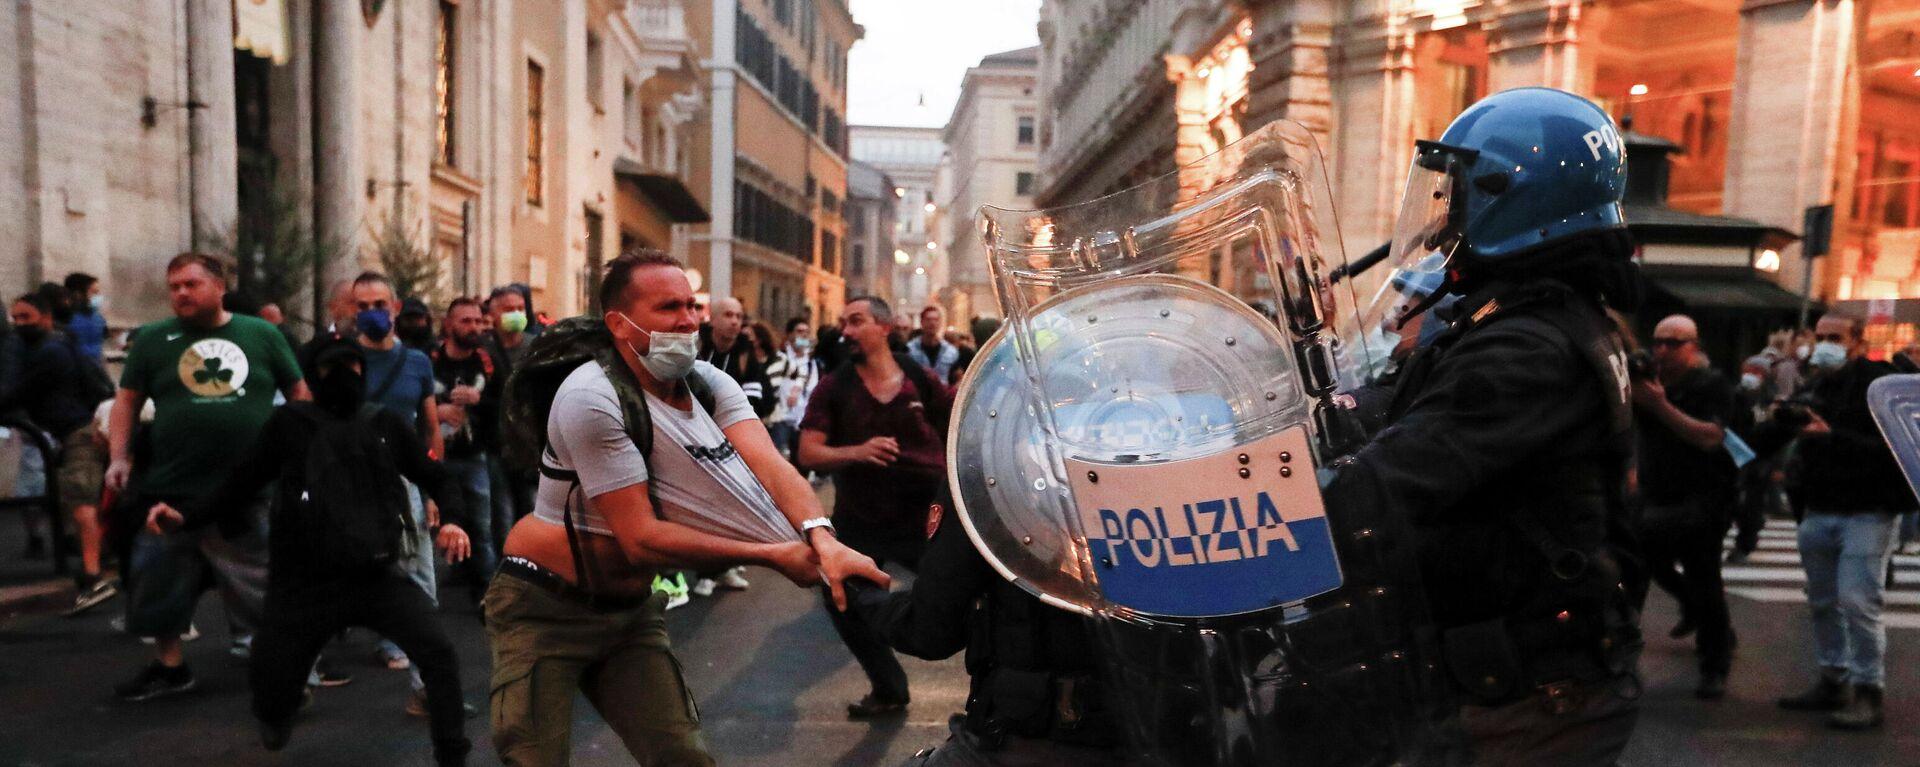 Proteste gegen Corona-Maßnahmen in Rom: Zusammenstößemit der Polizei - SNA, 1920, 10.10.2021